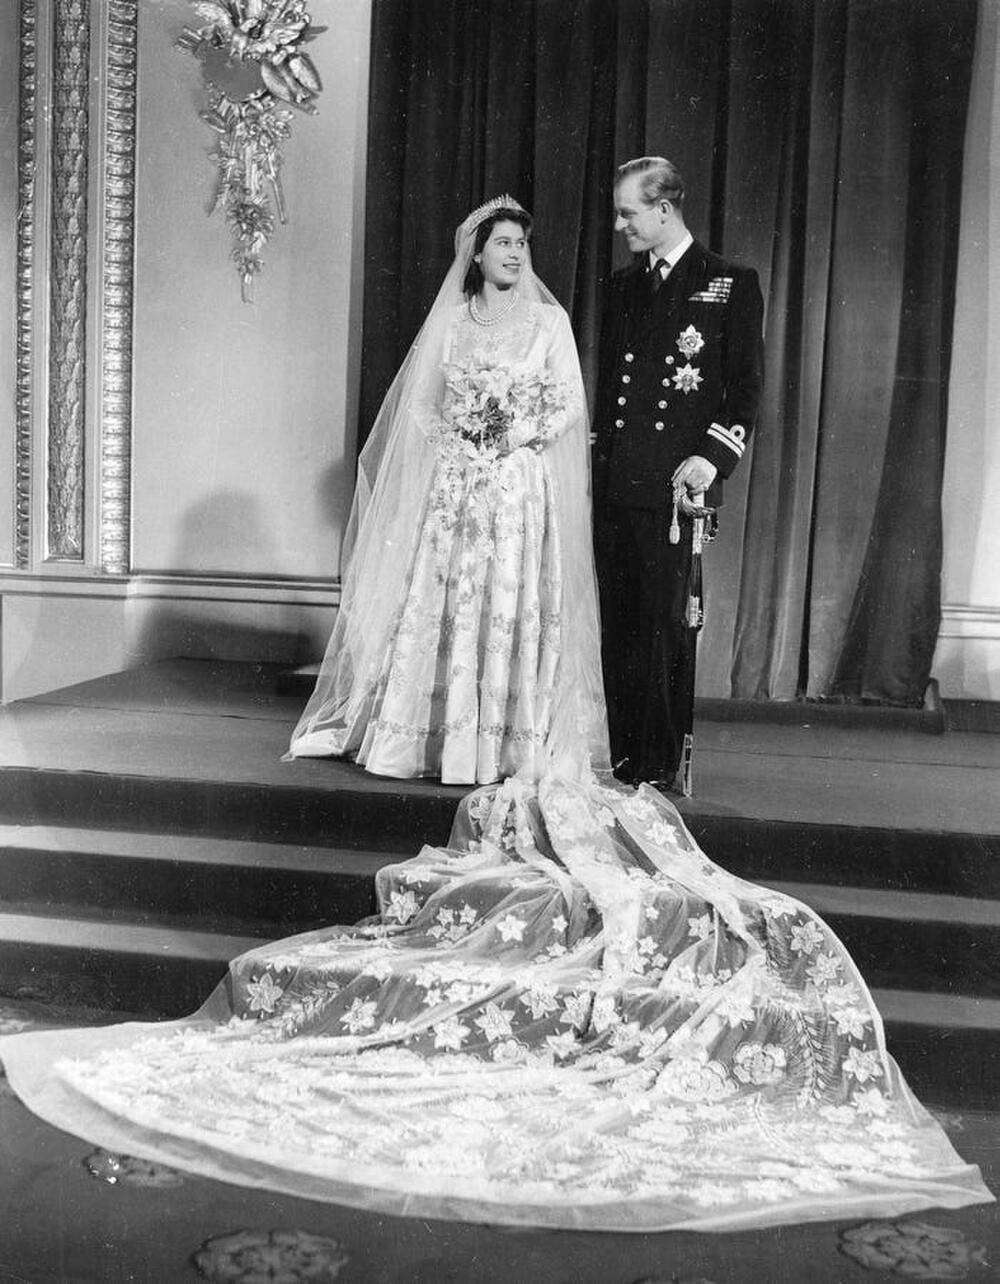 Bí ẩn tủ đồ Hoàng gia: Bóc giá 9 chiếc váy cưới Hoàng gia đắt đỏ nhất Ảnh 9